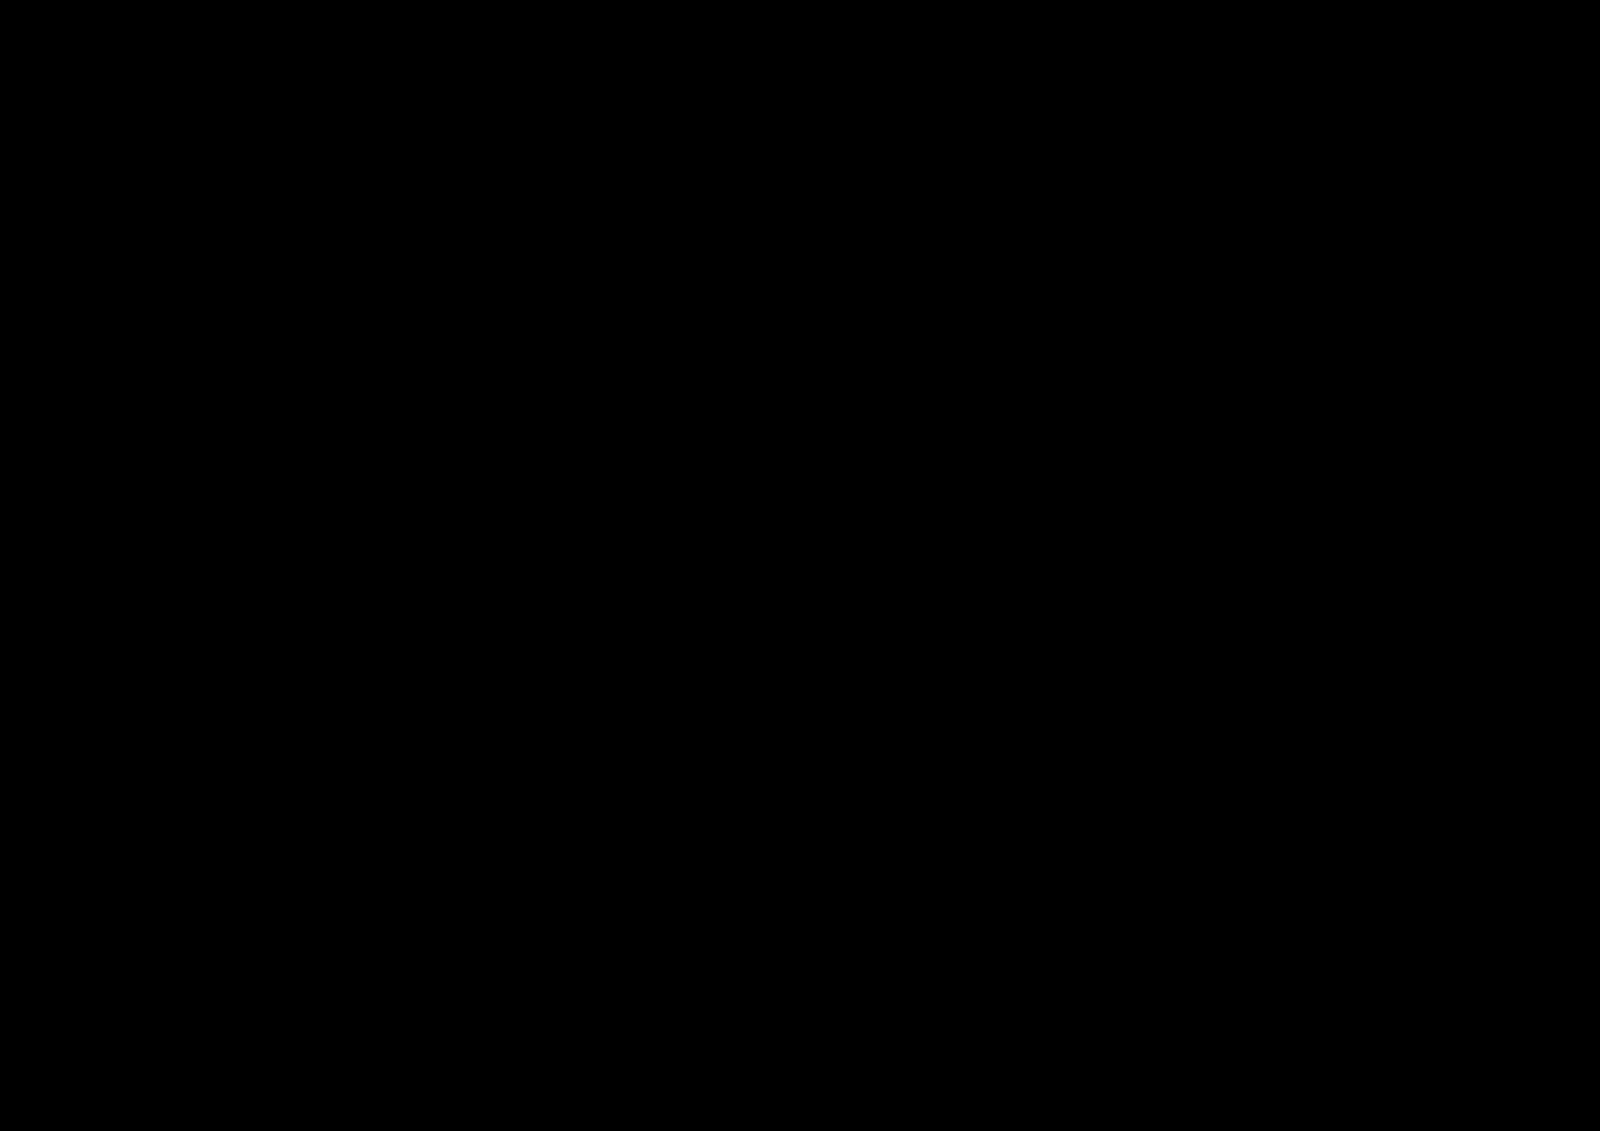 lyrics of pagdating ng panahon by aiza seguerra with chords Lyrics collection of tagalog login pagdating ng panahon aiza seguerra alam kong hindi mo pansin narito lang ako naghihintay na mahalin umaasa kahit di man ngayon.